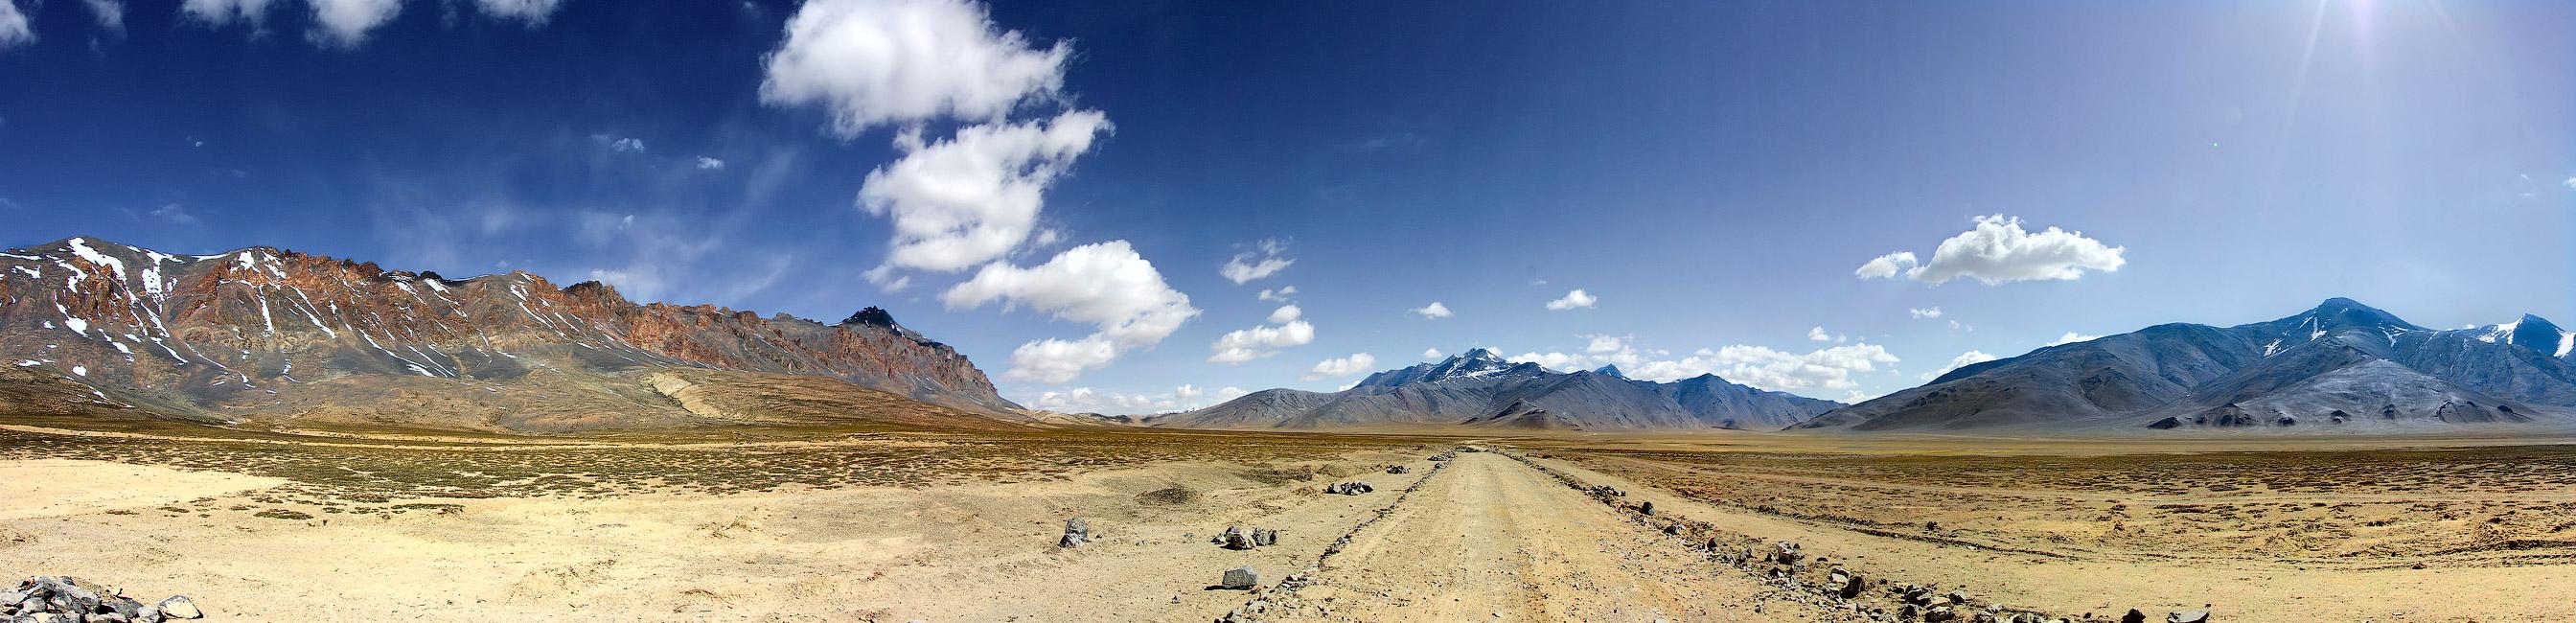 Дорога на перевал Тангла Ла. Ладакх, Индия. Панорамы Гималаев